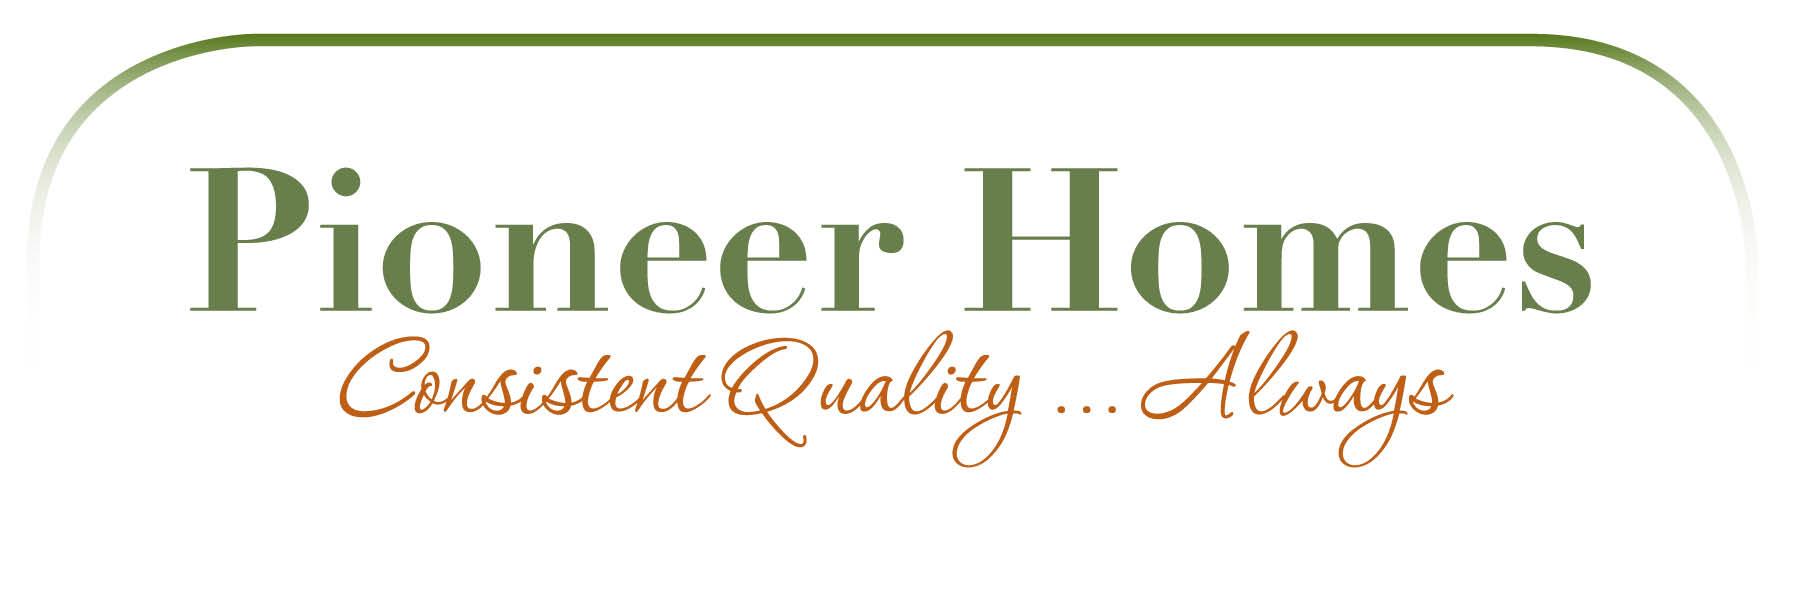 Pioneer Homes Branding